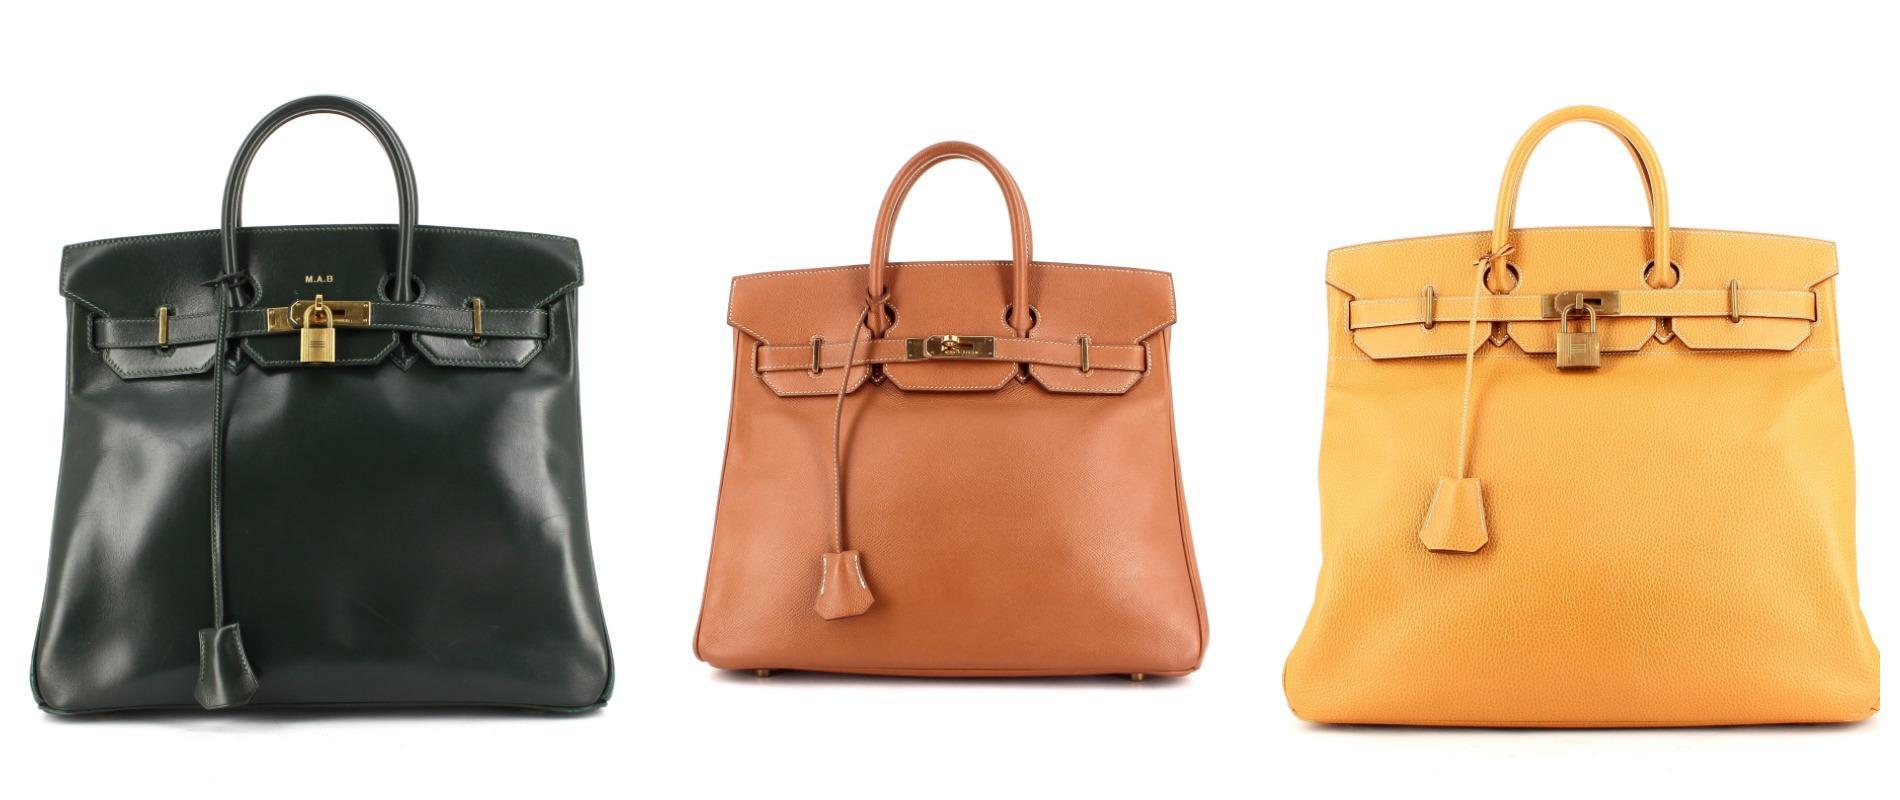 b0d1905544 Le Haut à courroies d'Hermès : le sac qui lança la marque au galop ...